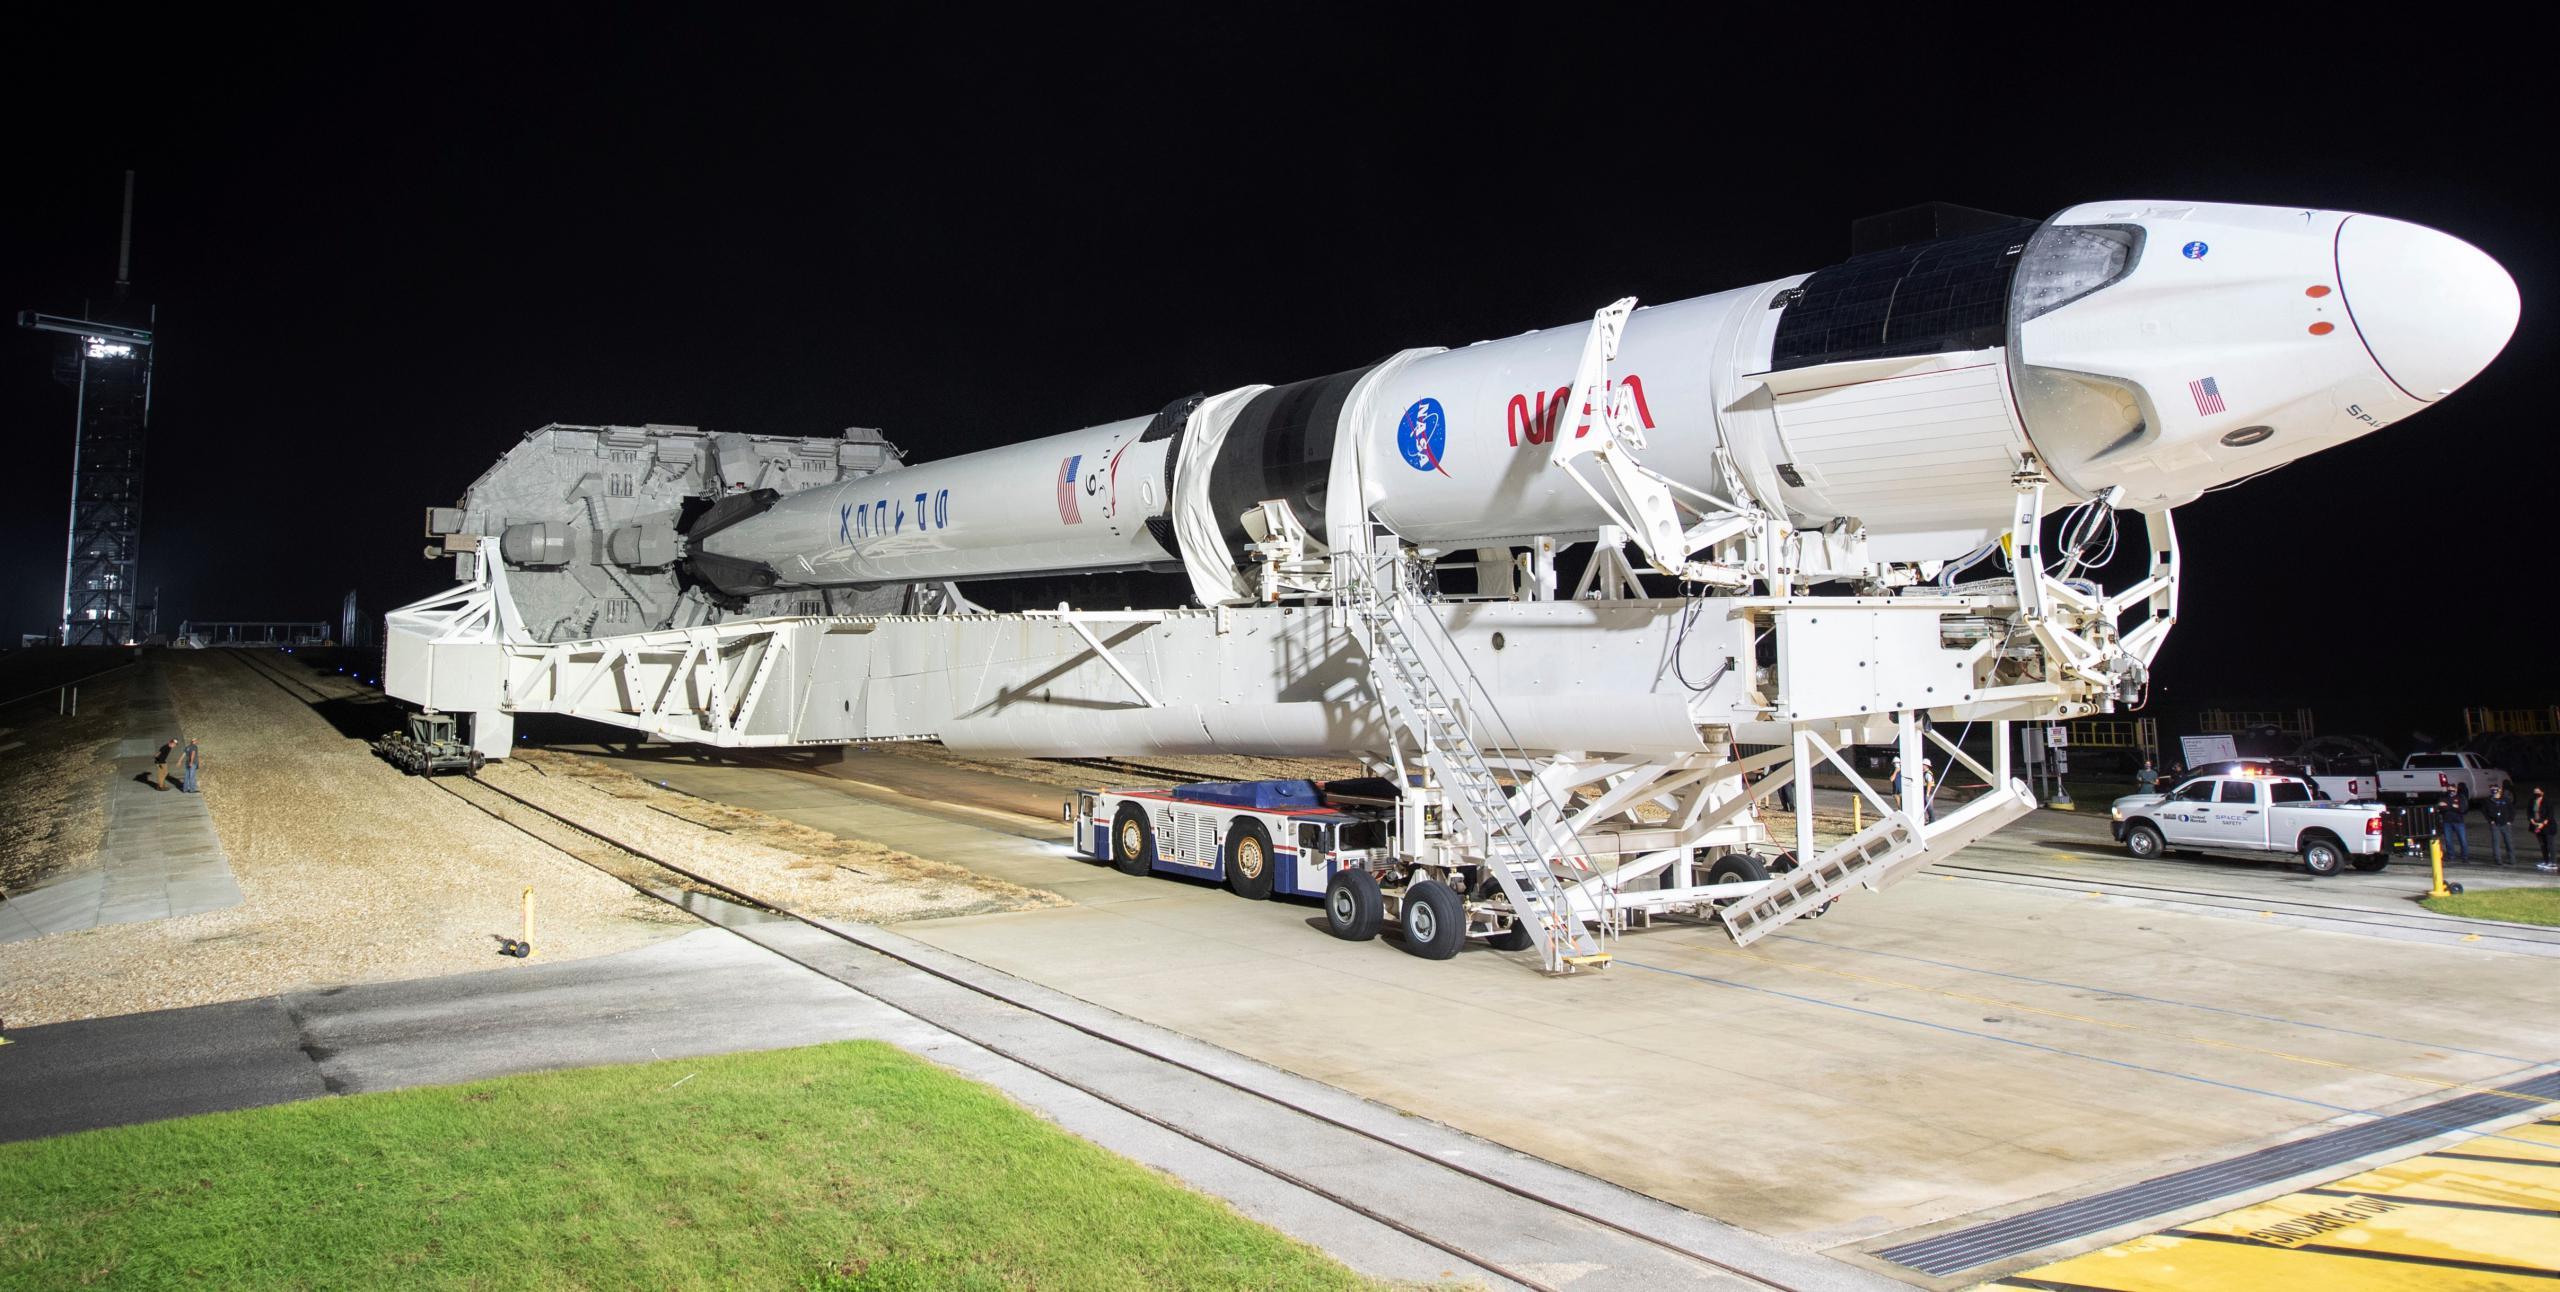 Crew-1 Crew Dragon C207 Falcon 9 B1061 39A 110820 (NASA) rollout 1 (c)